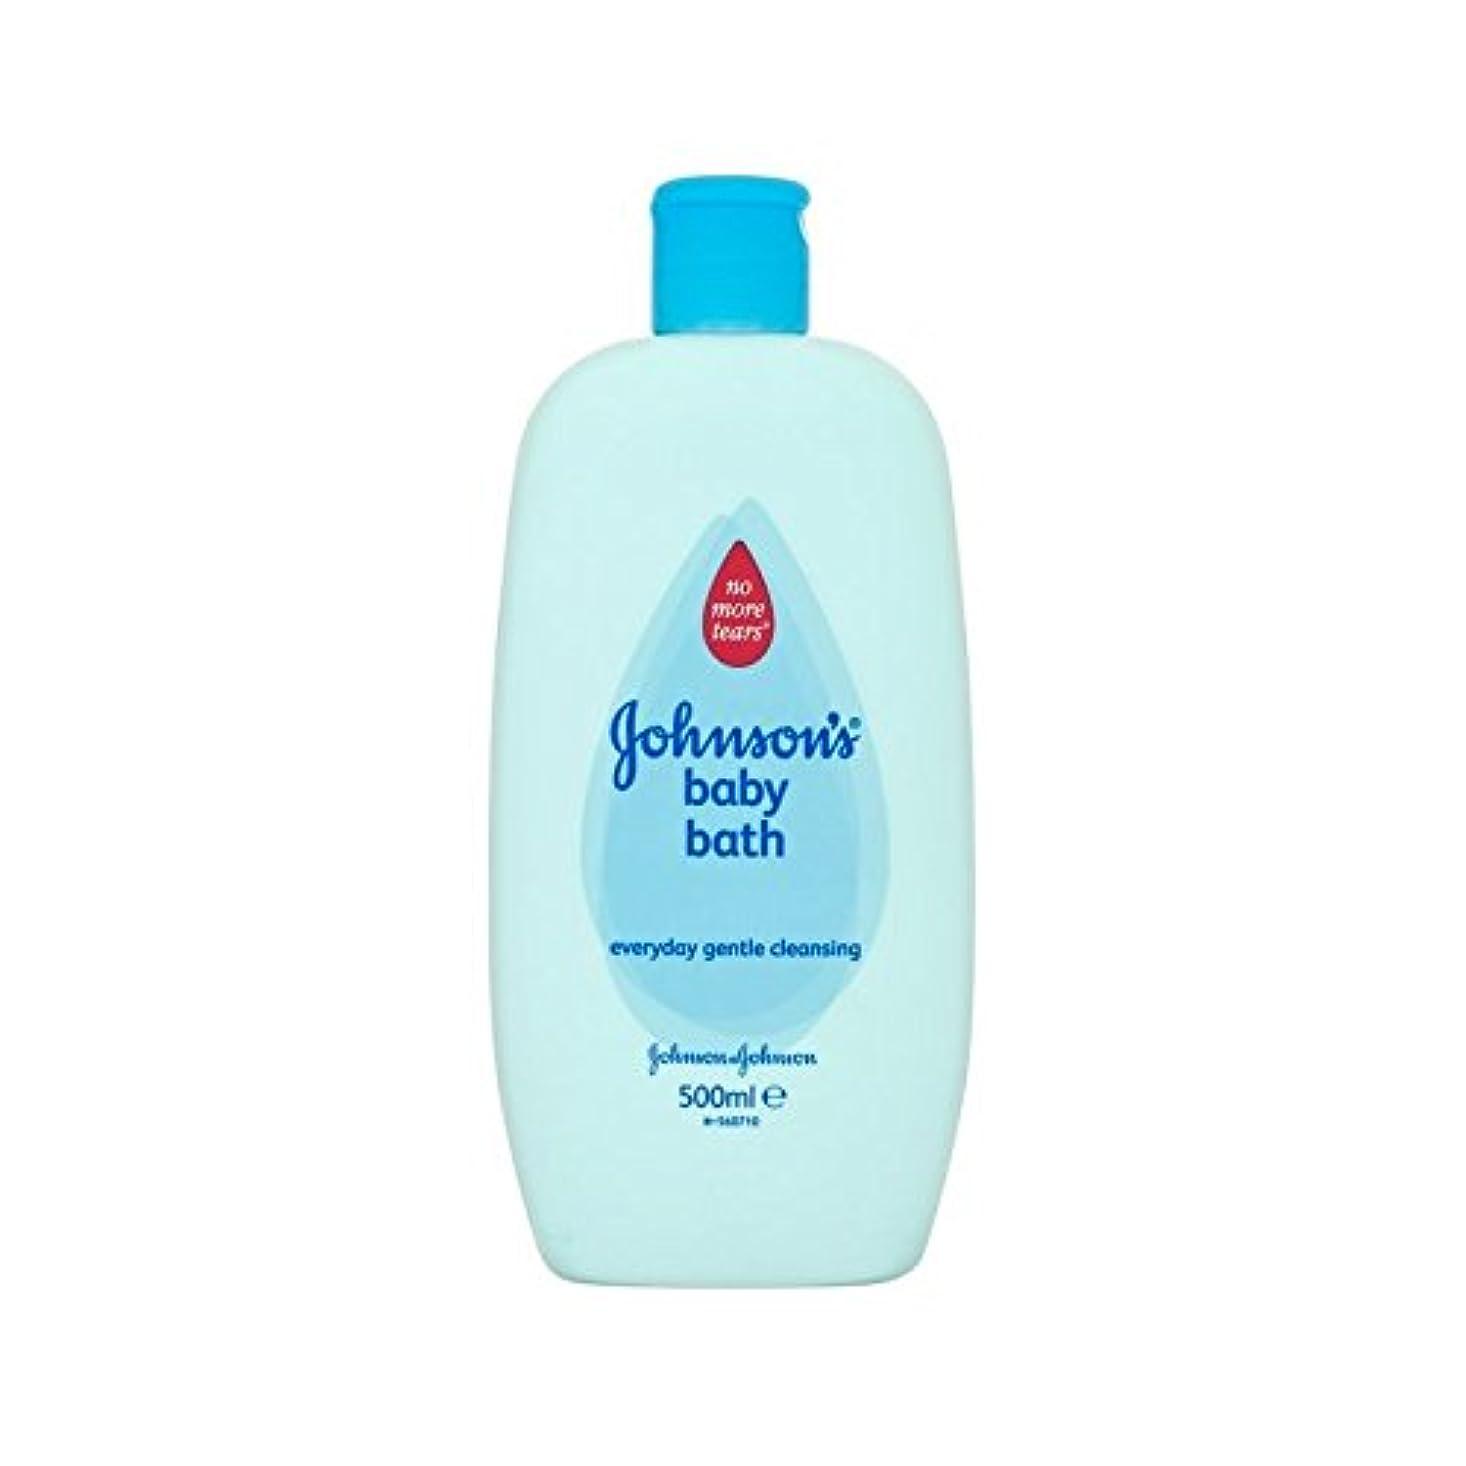 十一飢饉苦悩バス500ミリリットル (Johnson's Baby) - Johnson's Baby Bath 500ml [並行輸入品]